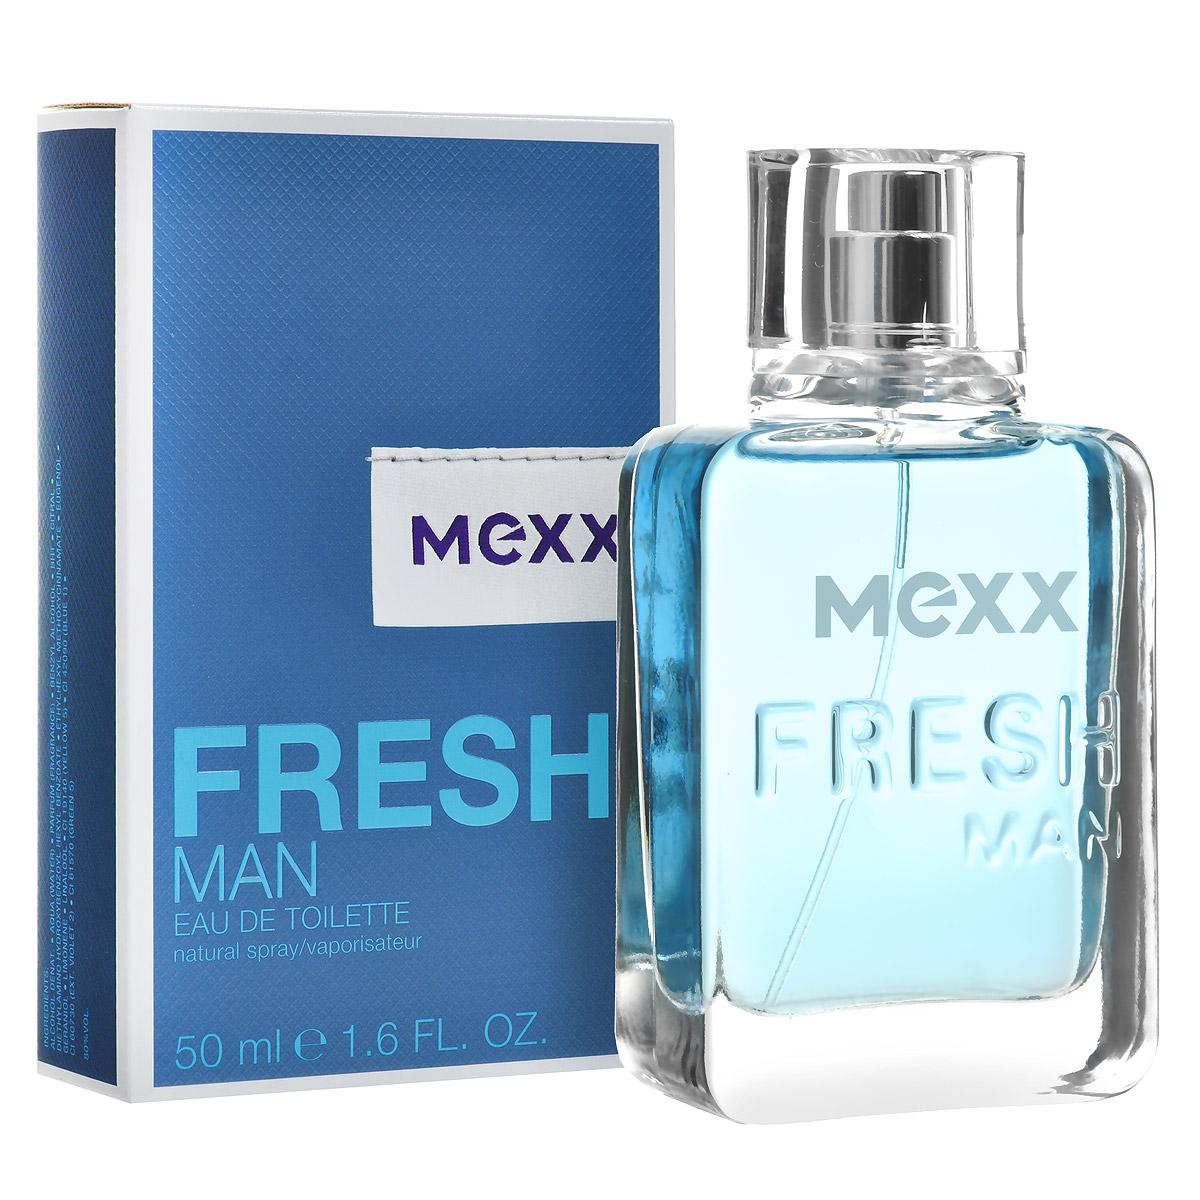 Mexx Туалетная вода Fresh Man, 50 мл0737052682235Мужской древесный водный парфюм Fresh Man создан голландским модным домом Mexx в 2011 году. Этот оригинальный, экзотический, слегка зеленый, чуть фруктовый, немного сливочный, выразительный, легкий, чистый, бодрящий древесный аромат с нотами амбры от Mexx напоминает свежий морской бриз, он придаст энергии, зарядит оптимизмом и подарит хорошее настроение на весь день. В букет композиции Fresh Man входит маракуя, зеленый кориандр, мускатный орех и амбра. Парфюм подходит для использования в качестве дневного аромата, лучше всего раскрывается в теплую весеннюю и летнюю погоду.Верхняя нота: Маракуя.Средняя нота: зеленый кориандр, мускатный орех.Шлейф: Амбра.Теплый, манящий мускатный орех и кориандр придают сердцу аромата мягкость и зрелость, а нижняя нота представлена древесно-амбровым сочетанием, несущим прозрачность, легкость и свет.Дневной и вечерний аромат.